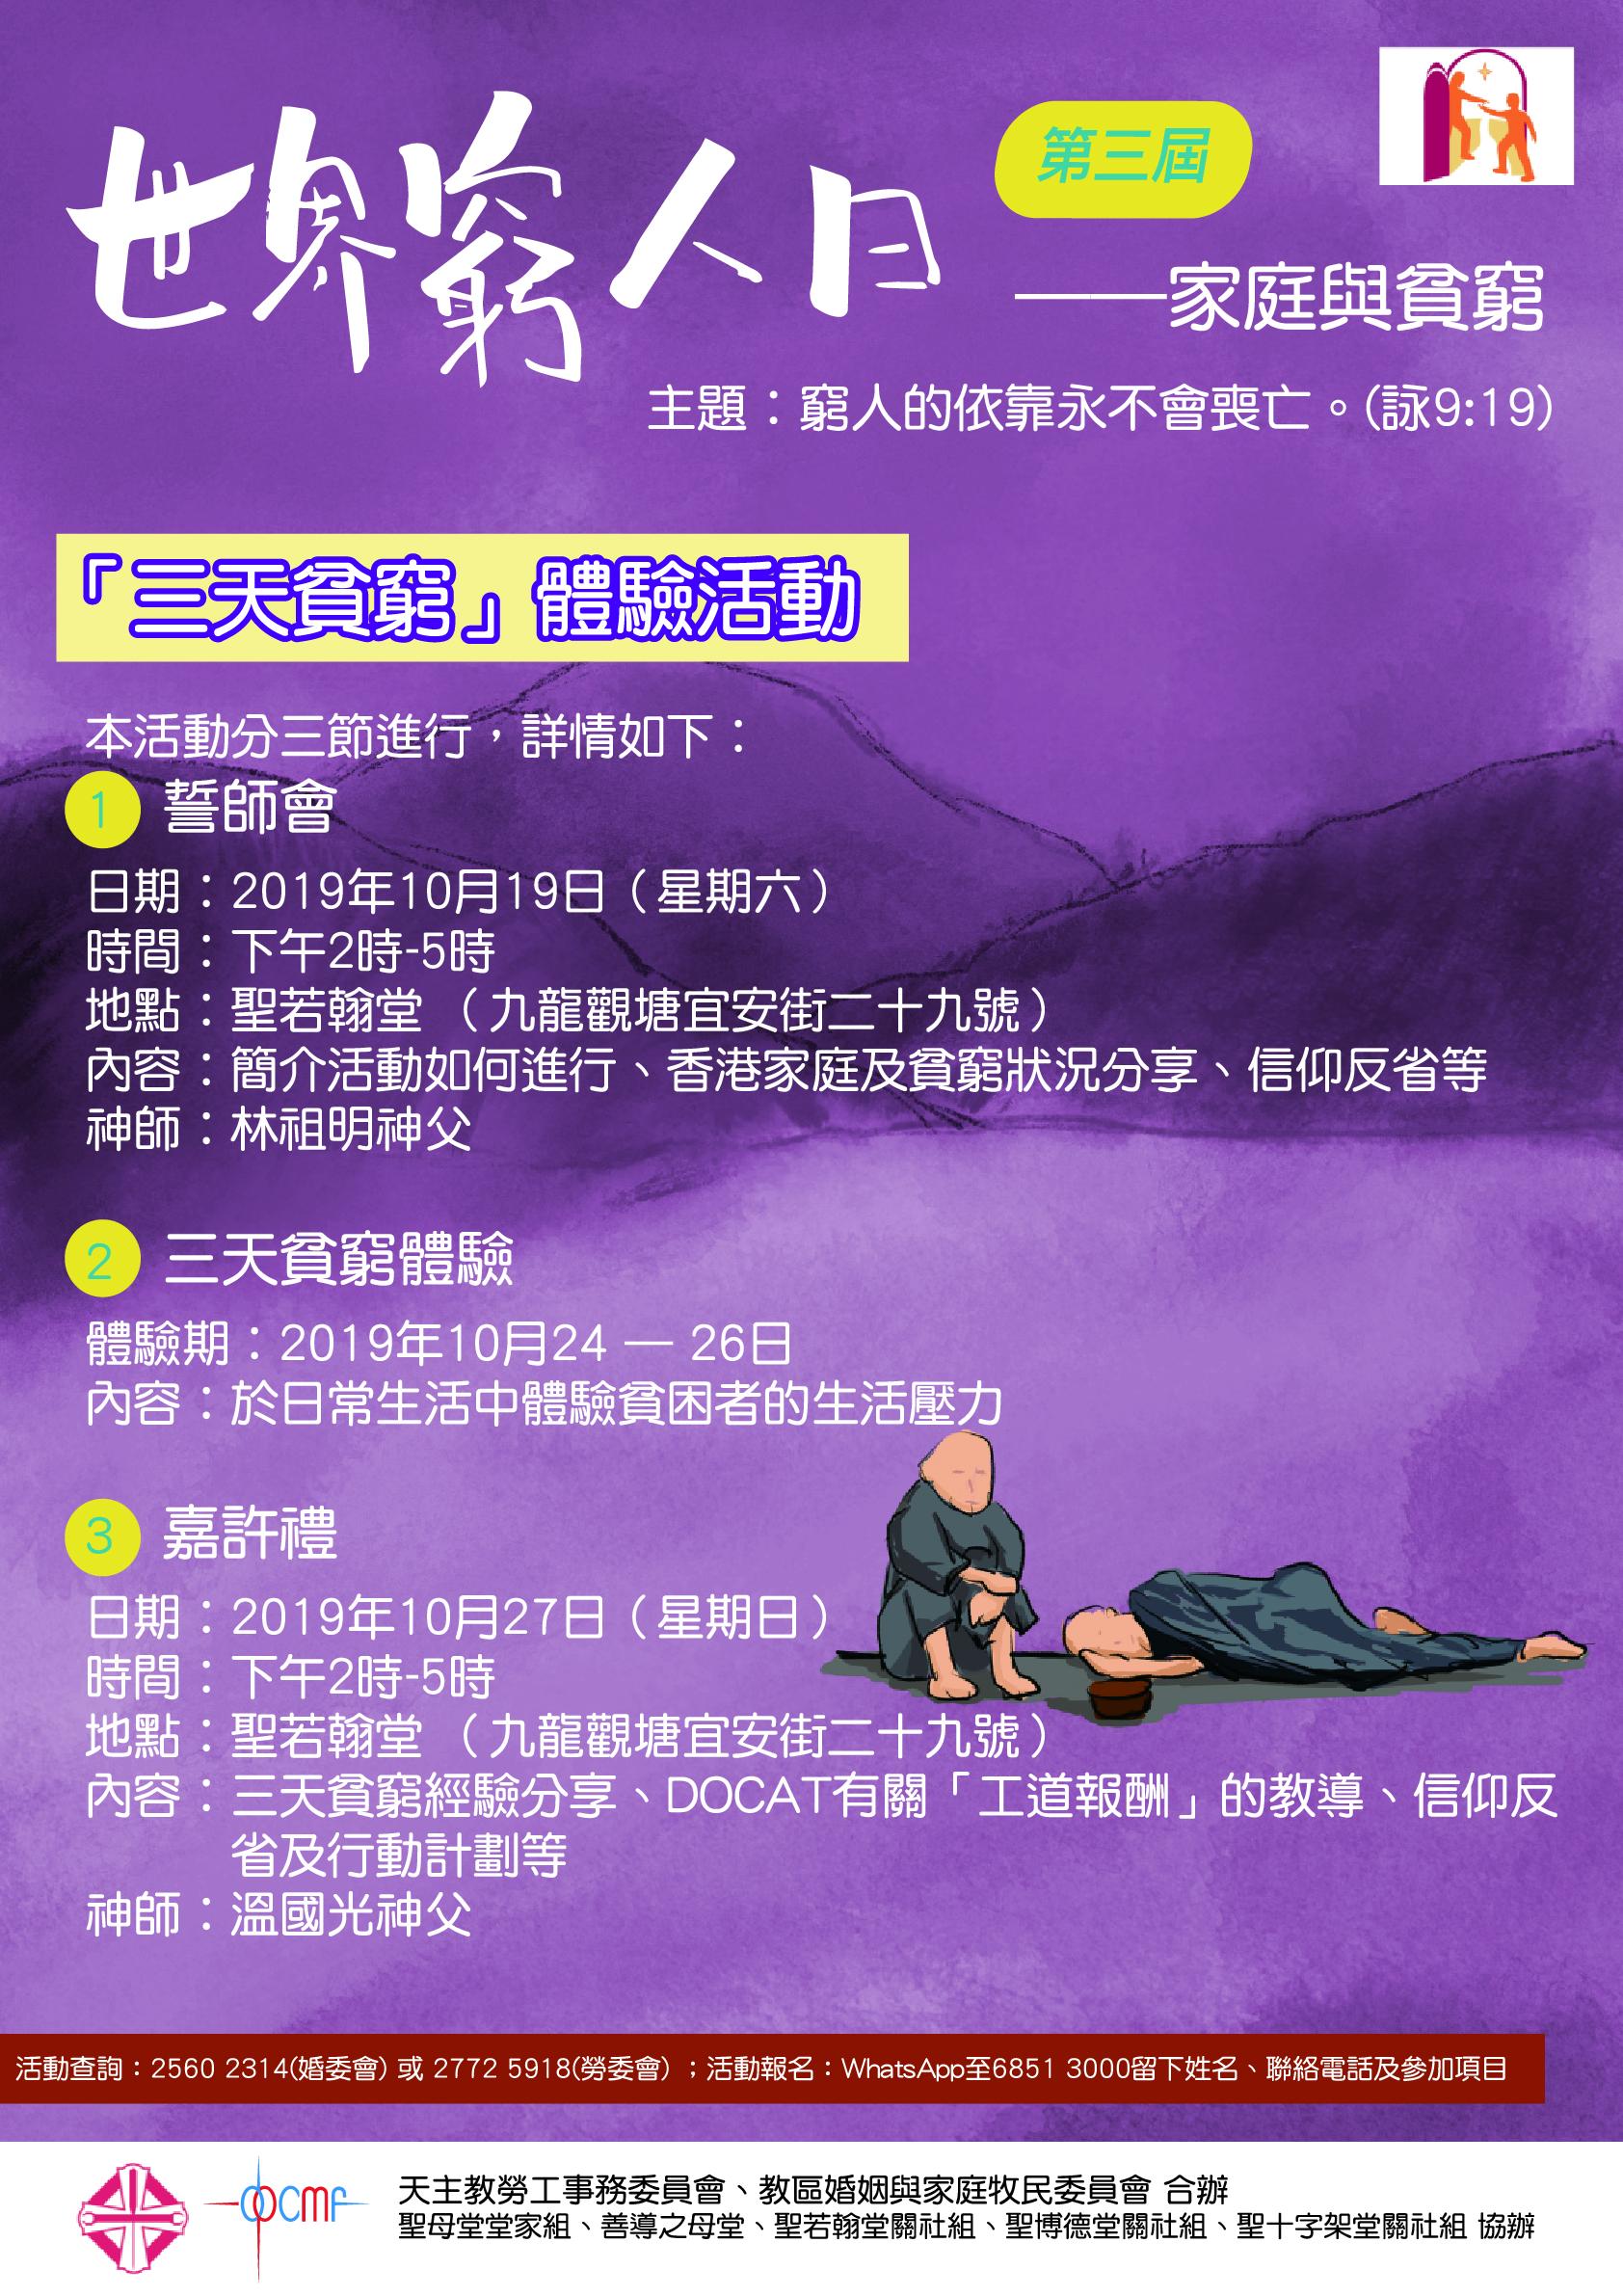 世界窮人日-4_三天貧窮活動 (1)